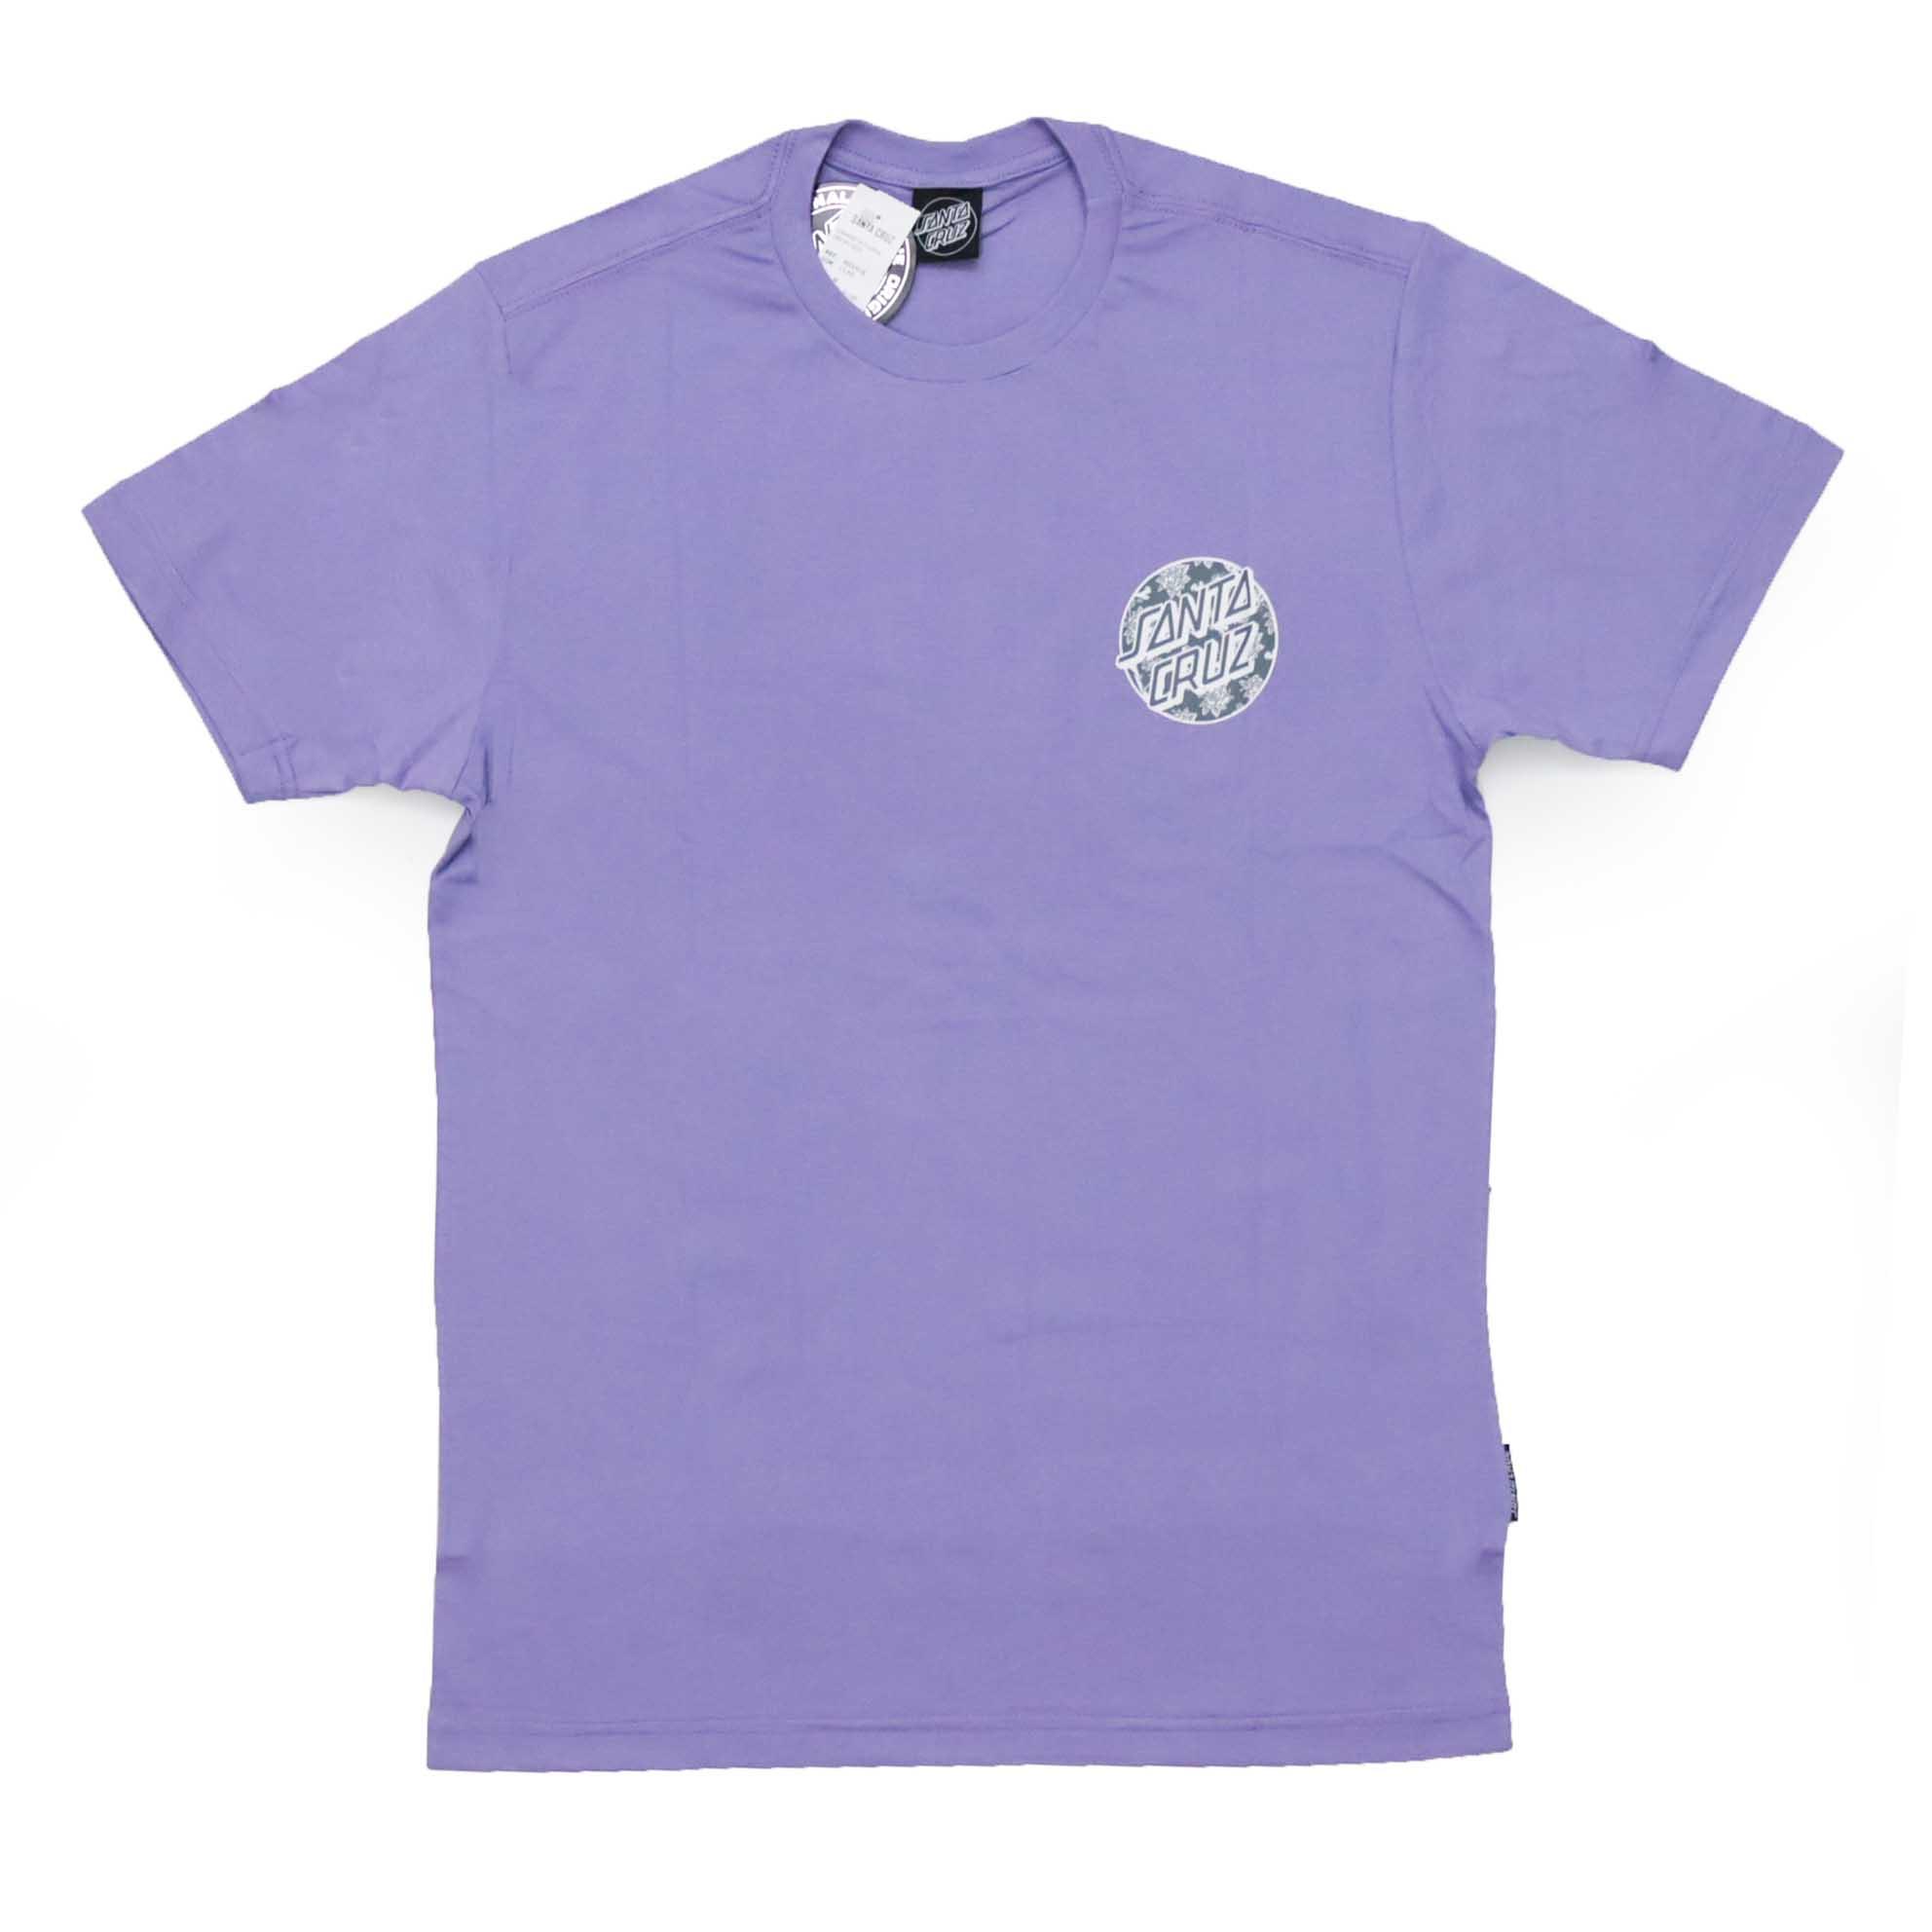 Camiseta Santa Cruz Floral Decay Dot - Lilás